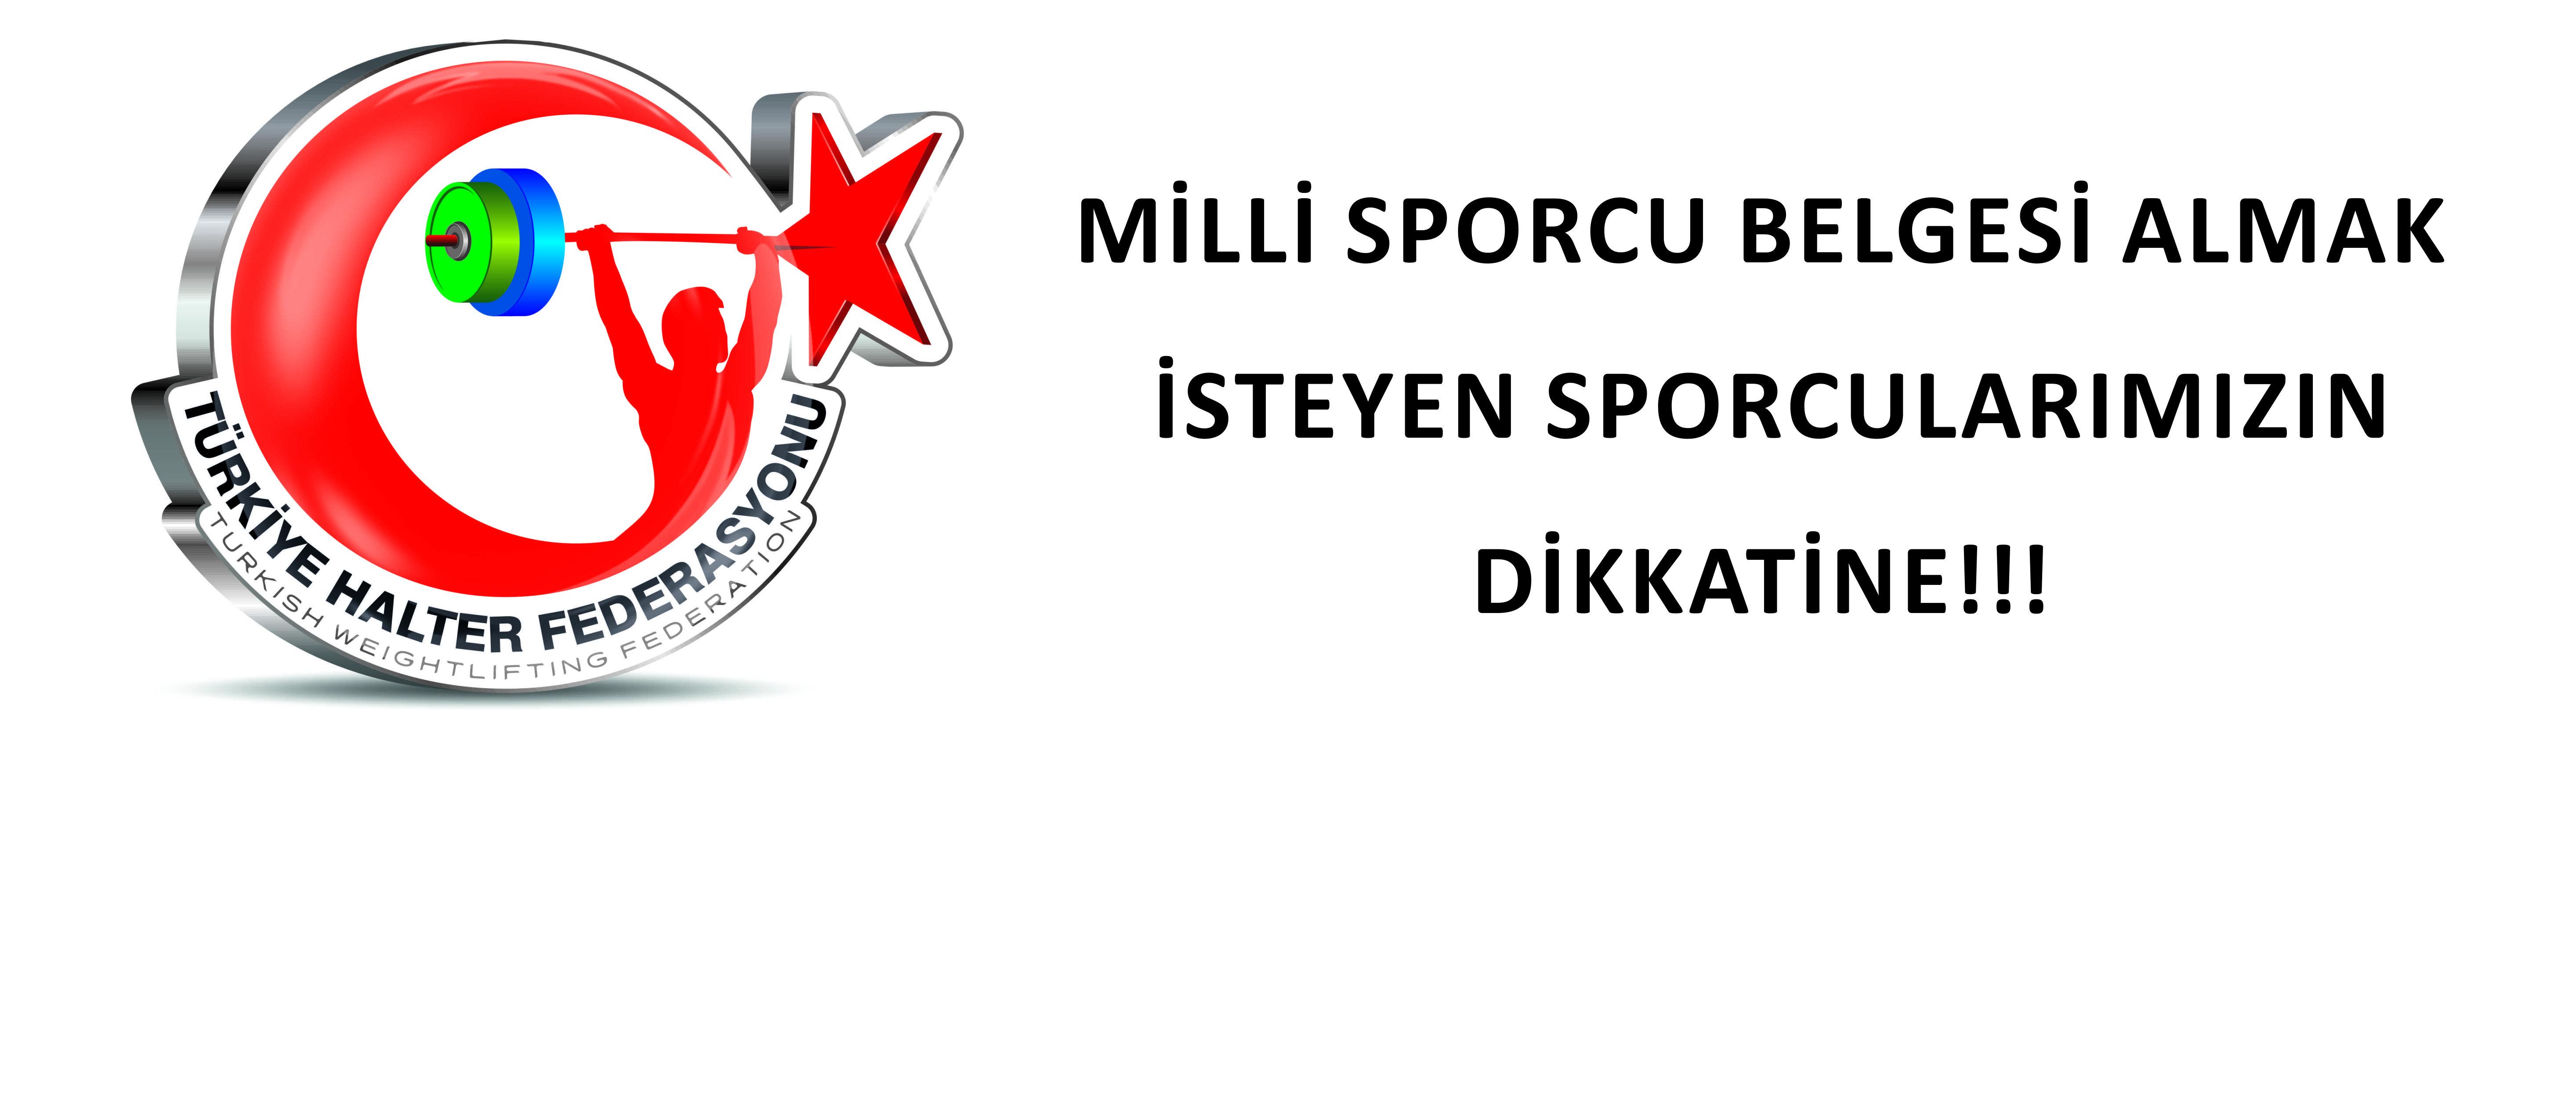 MİLLİ SPORCU BELGESİ ALMAK İSTEYEN SPORCULARIMIZIN DİKKATİNE!!!